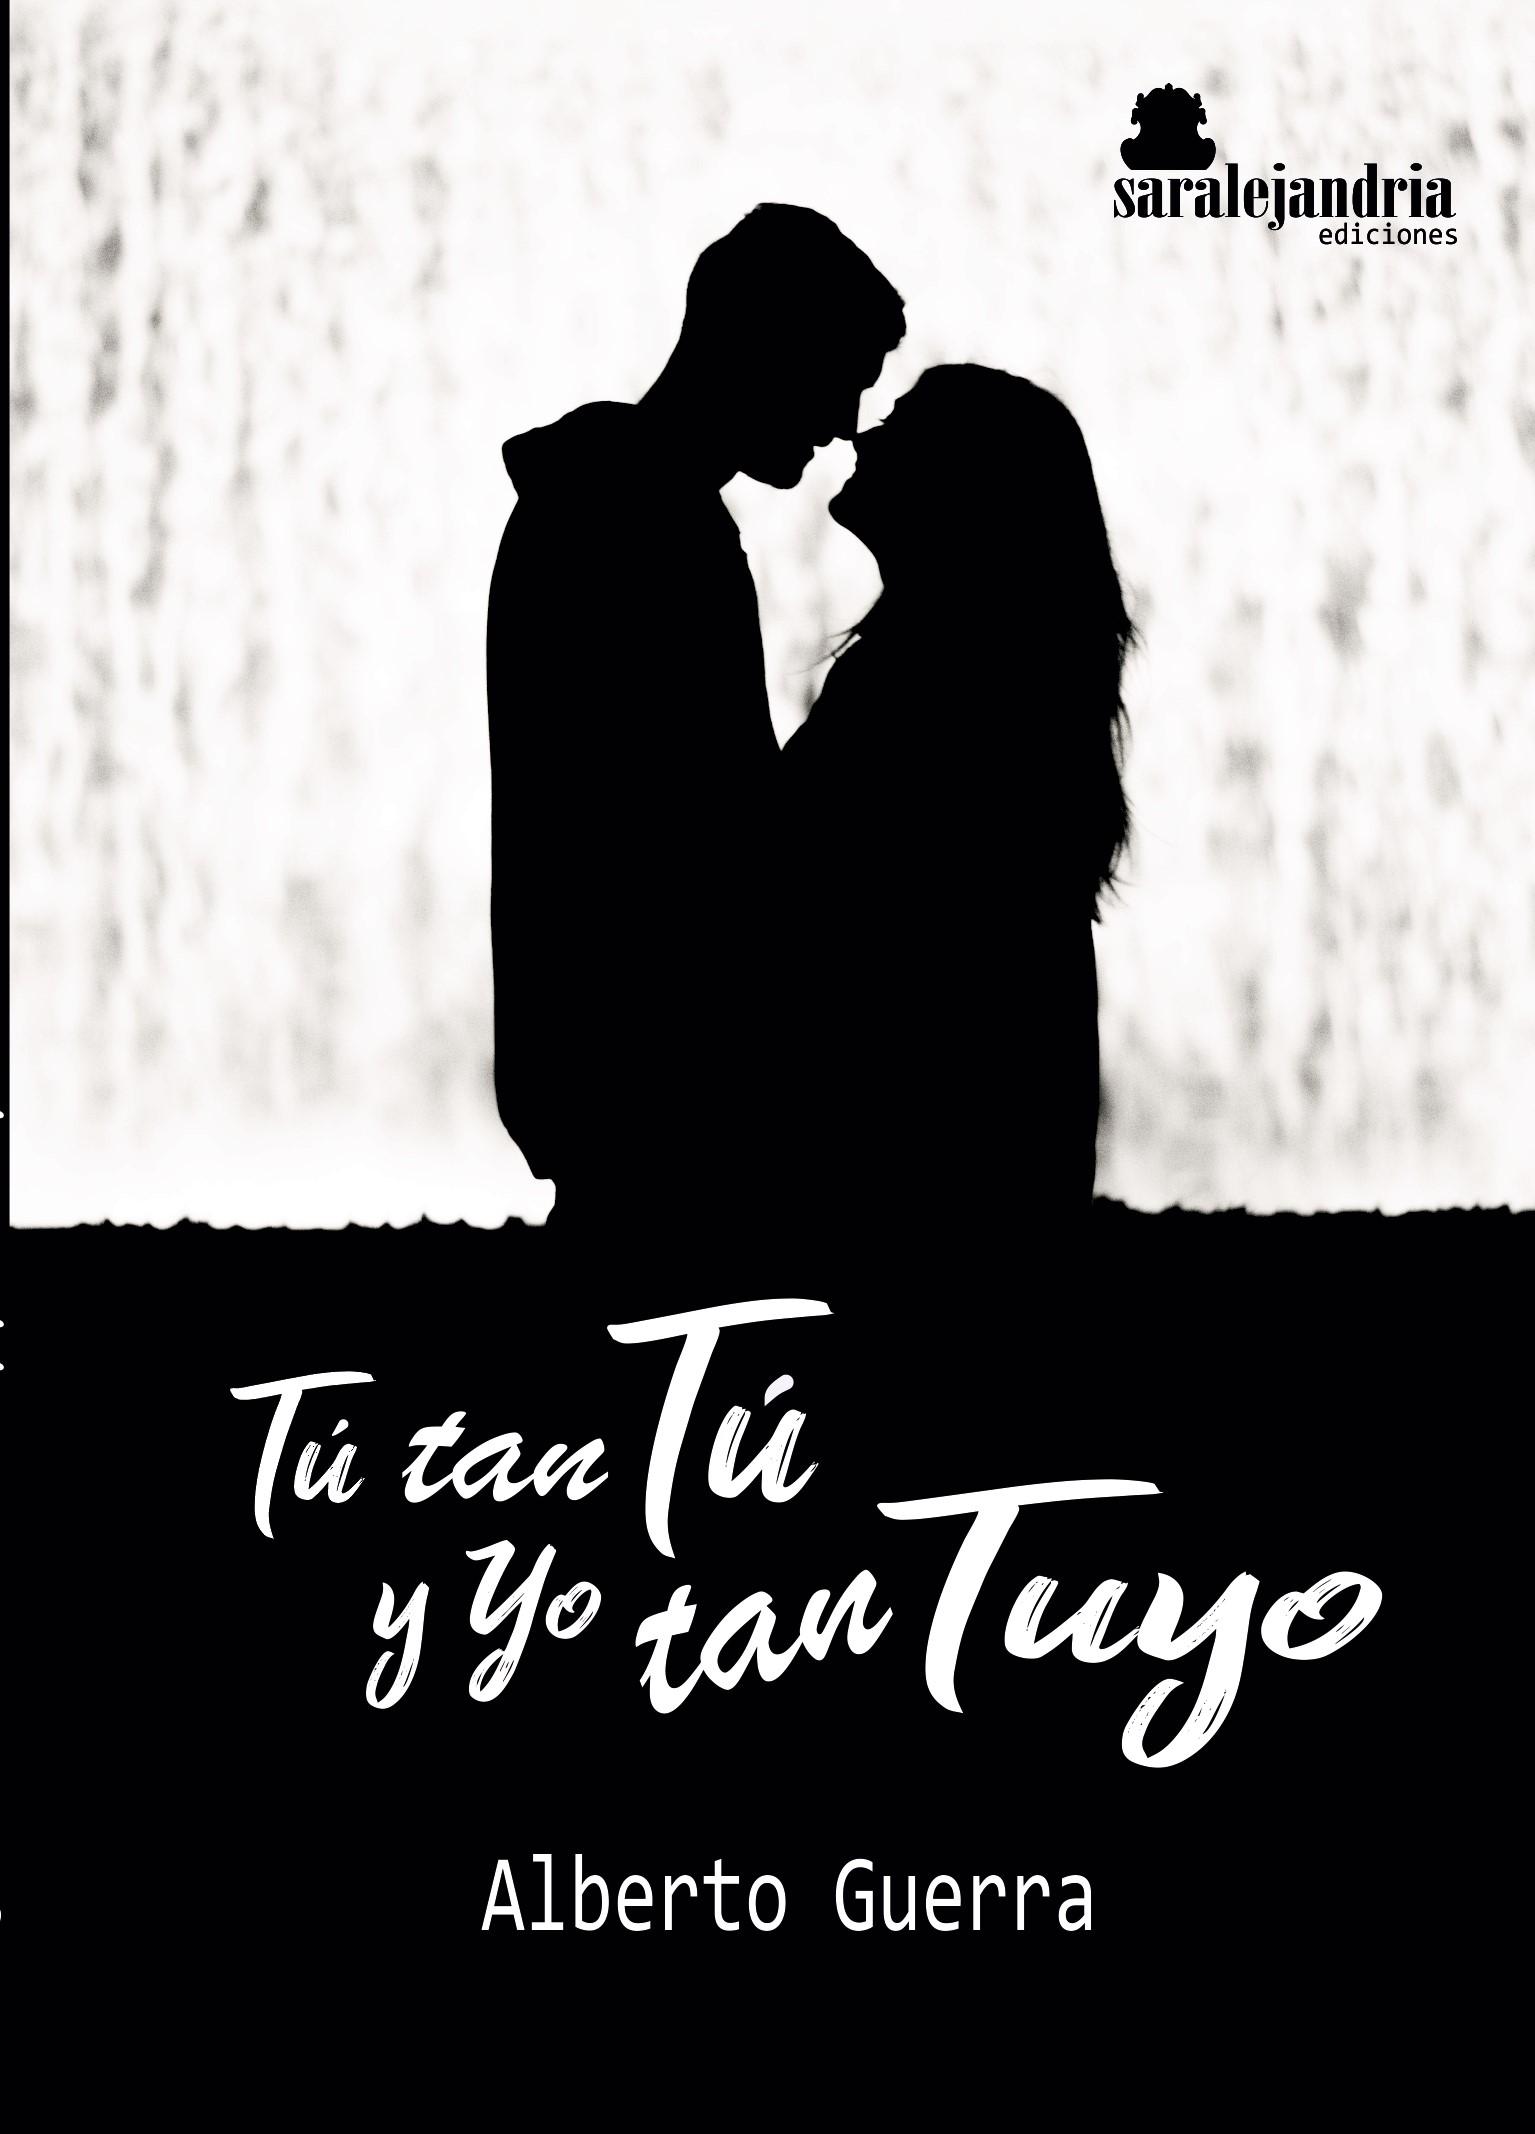 Tú tan tú y yo tan tuyo